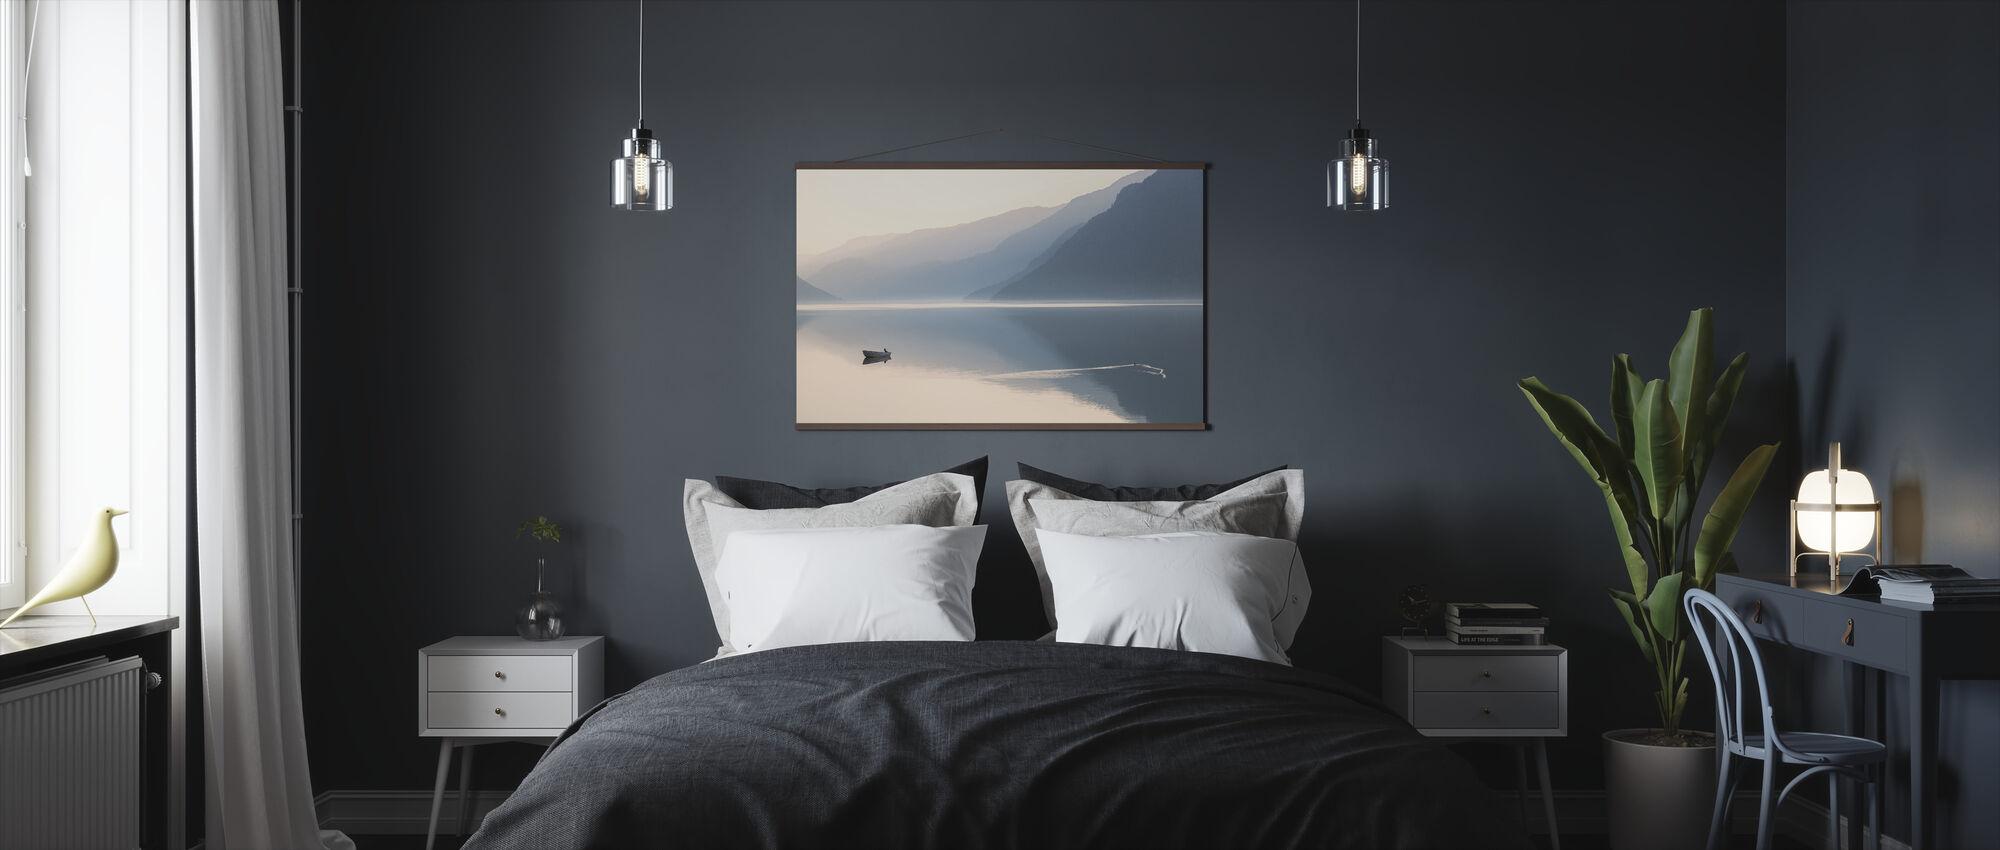 Still Evening - Poster - Bedroom